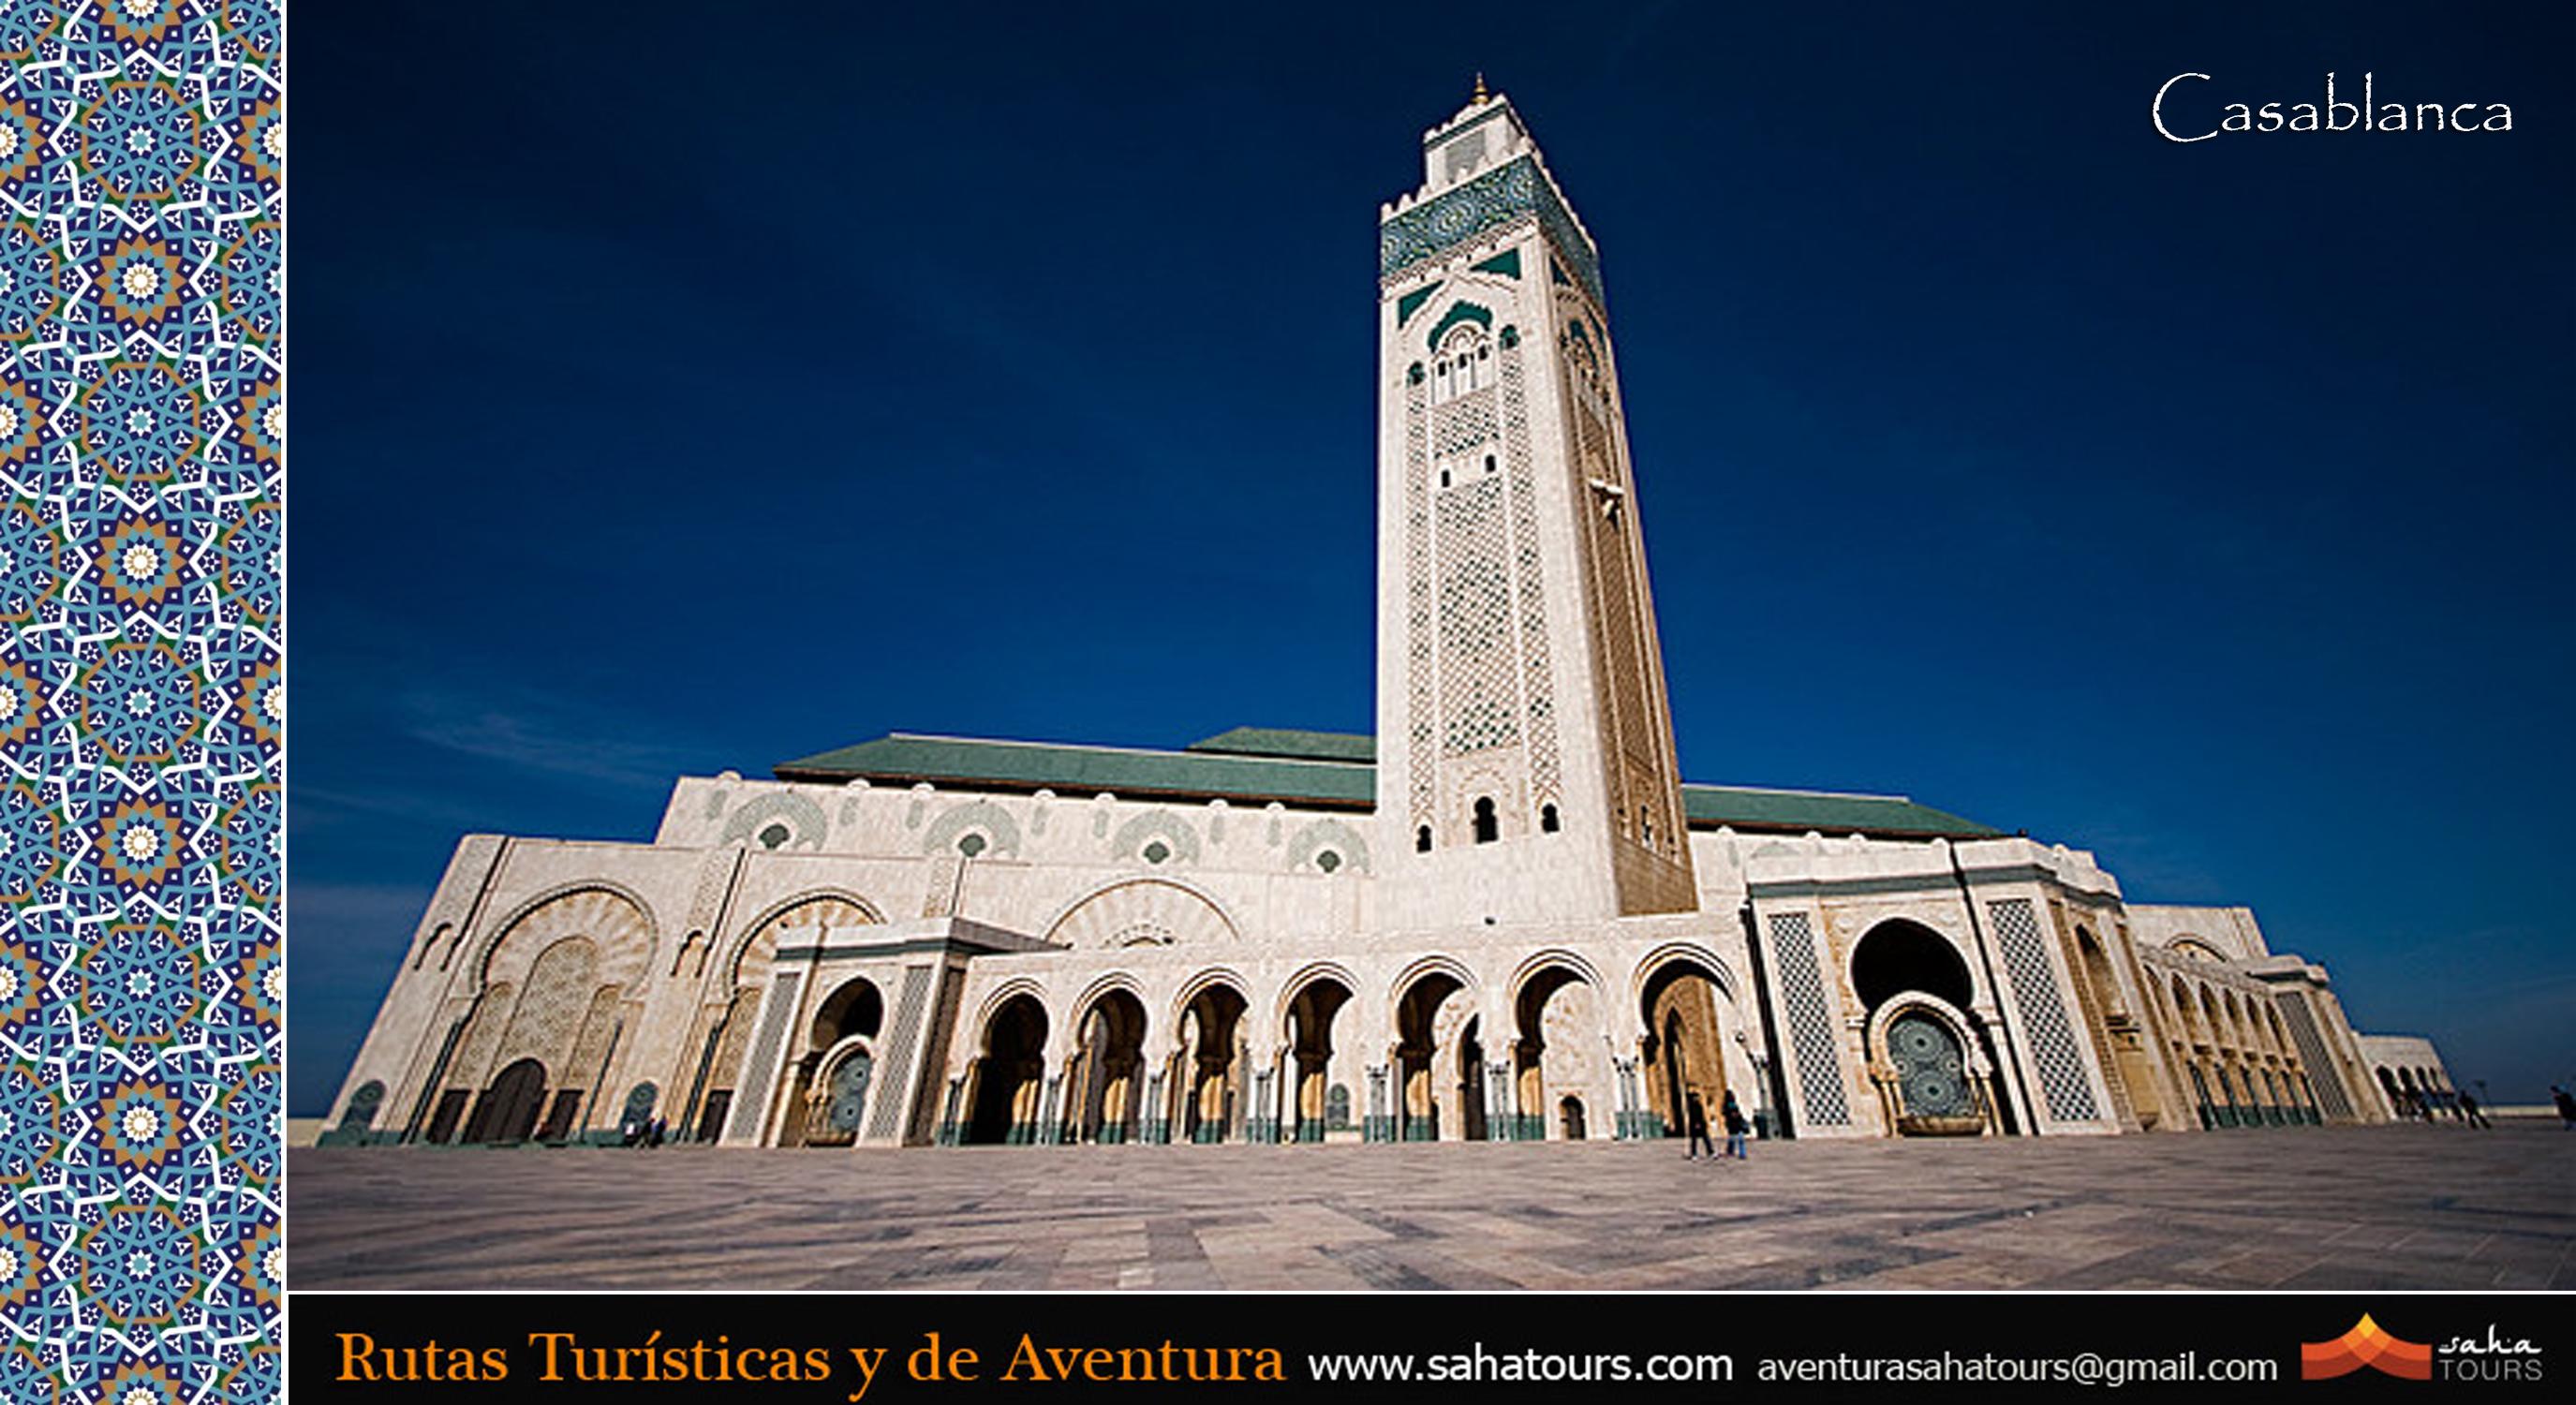 Tu viaje a Marruecos. Casablanca, símbolo de modernidad 1